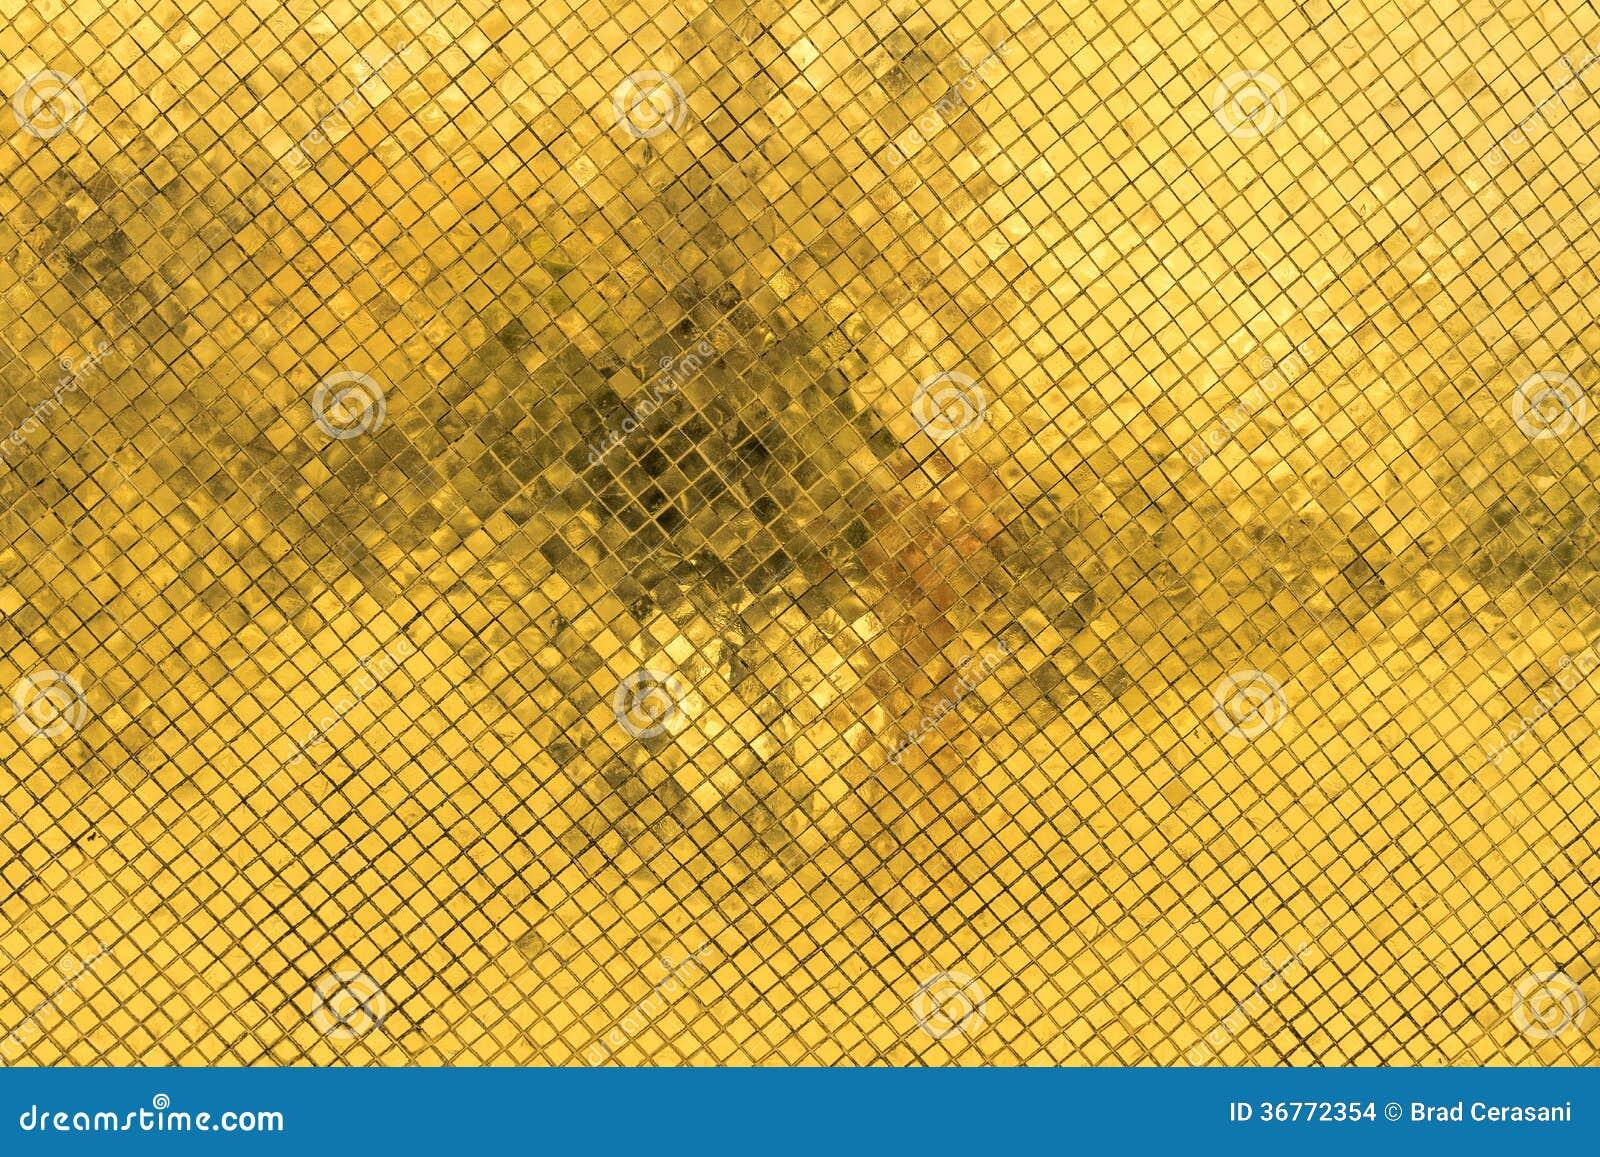 Gouden Mozaiek Tegels : Gouden mozaïekachtergrond stock foto afbeelding bestaande uit